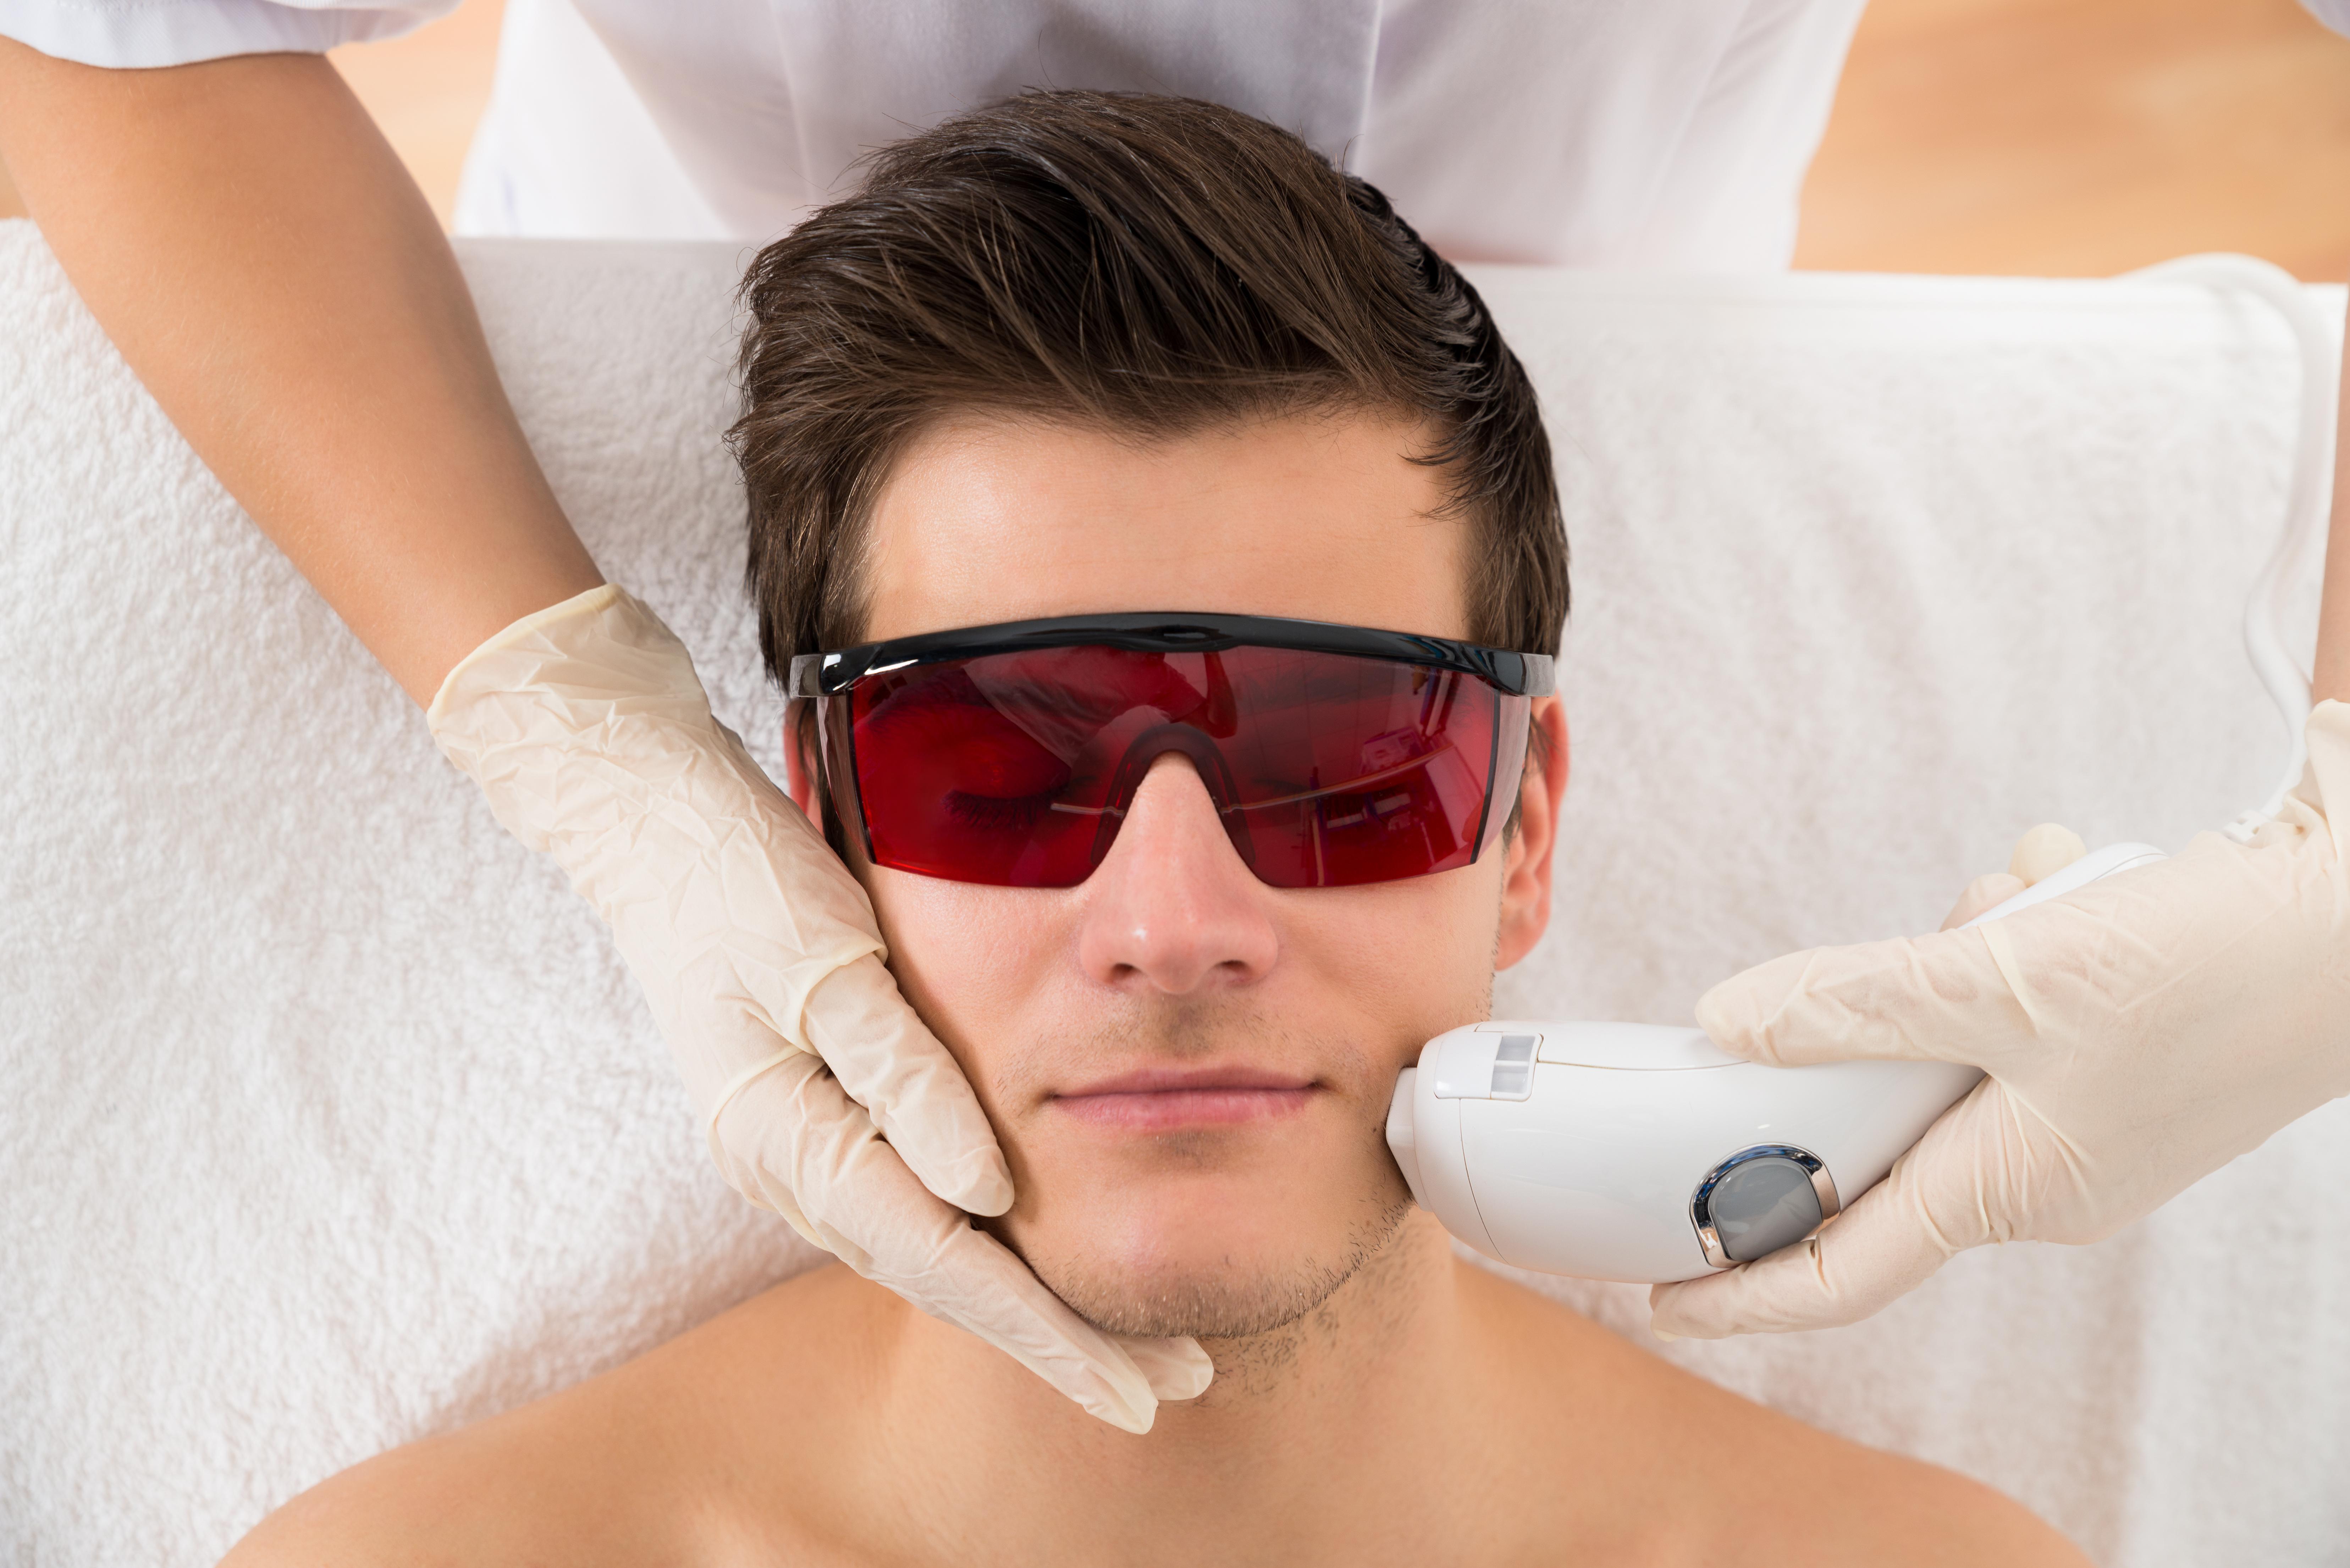 Laser Hair Treatment for Men